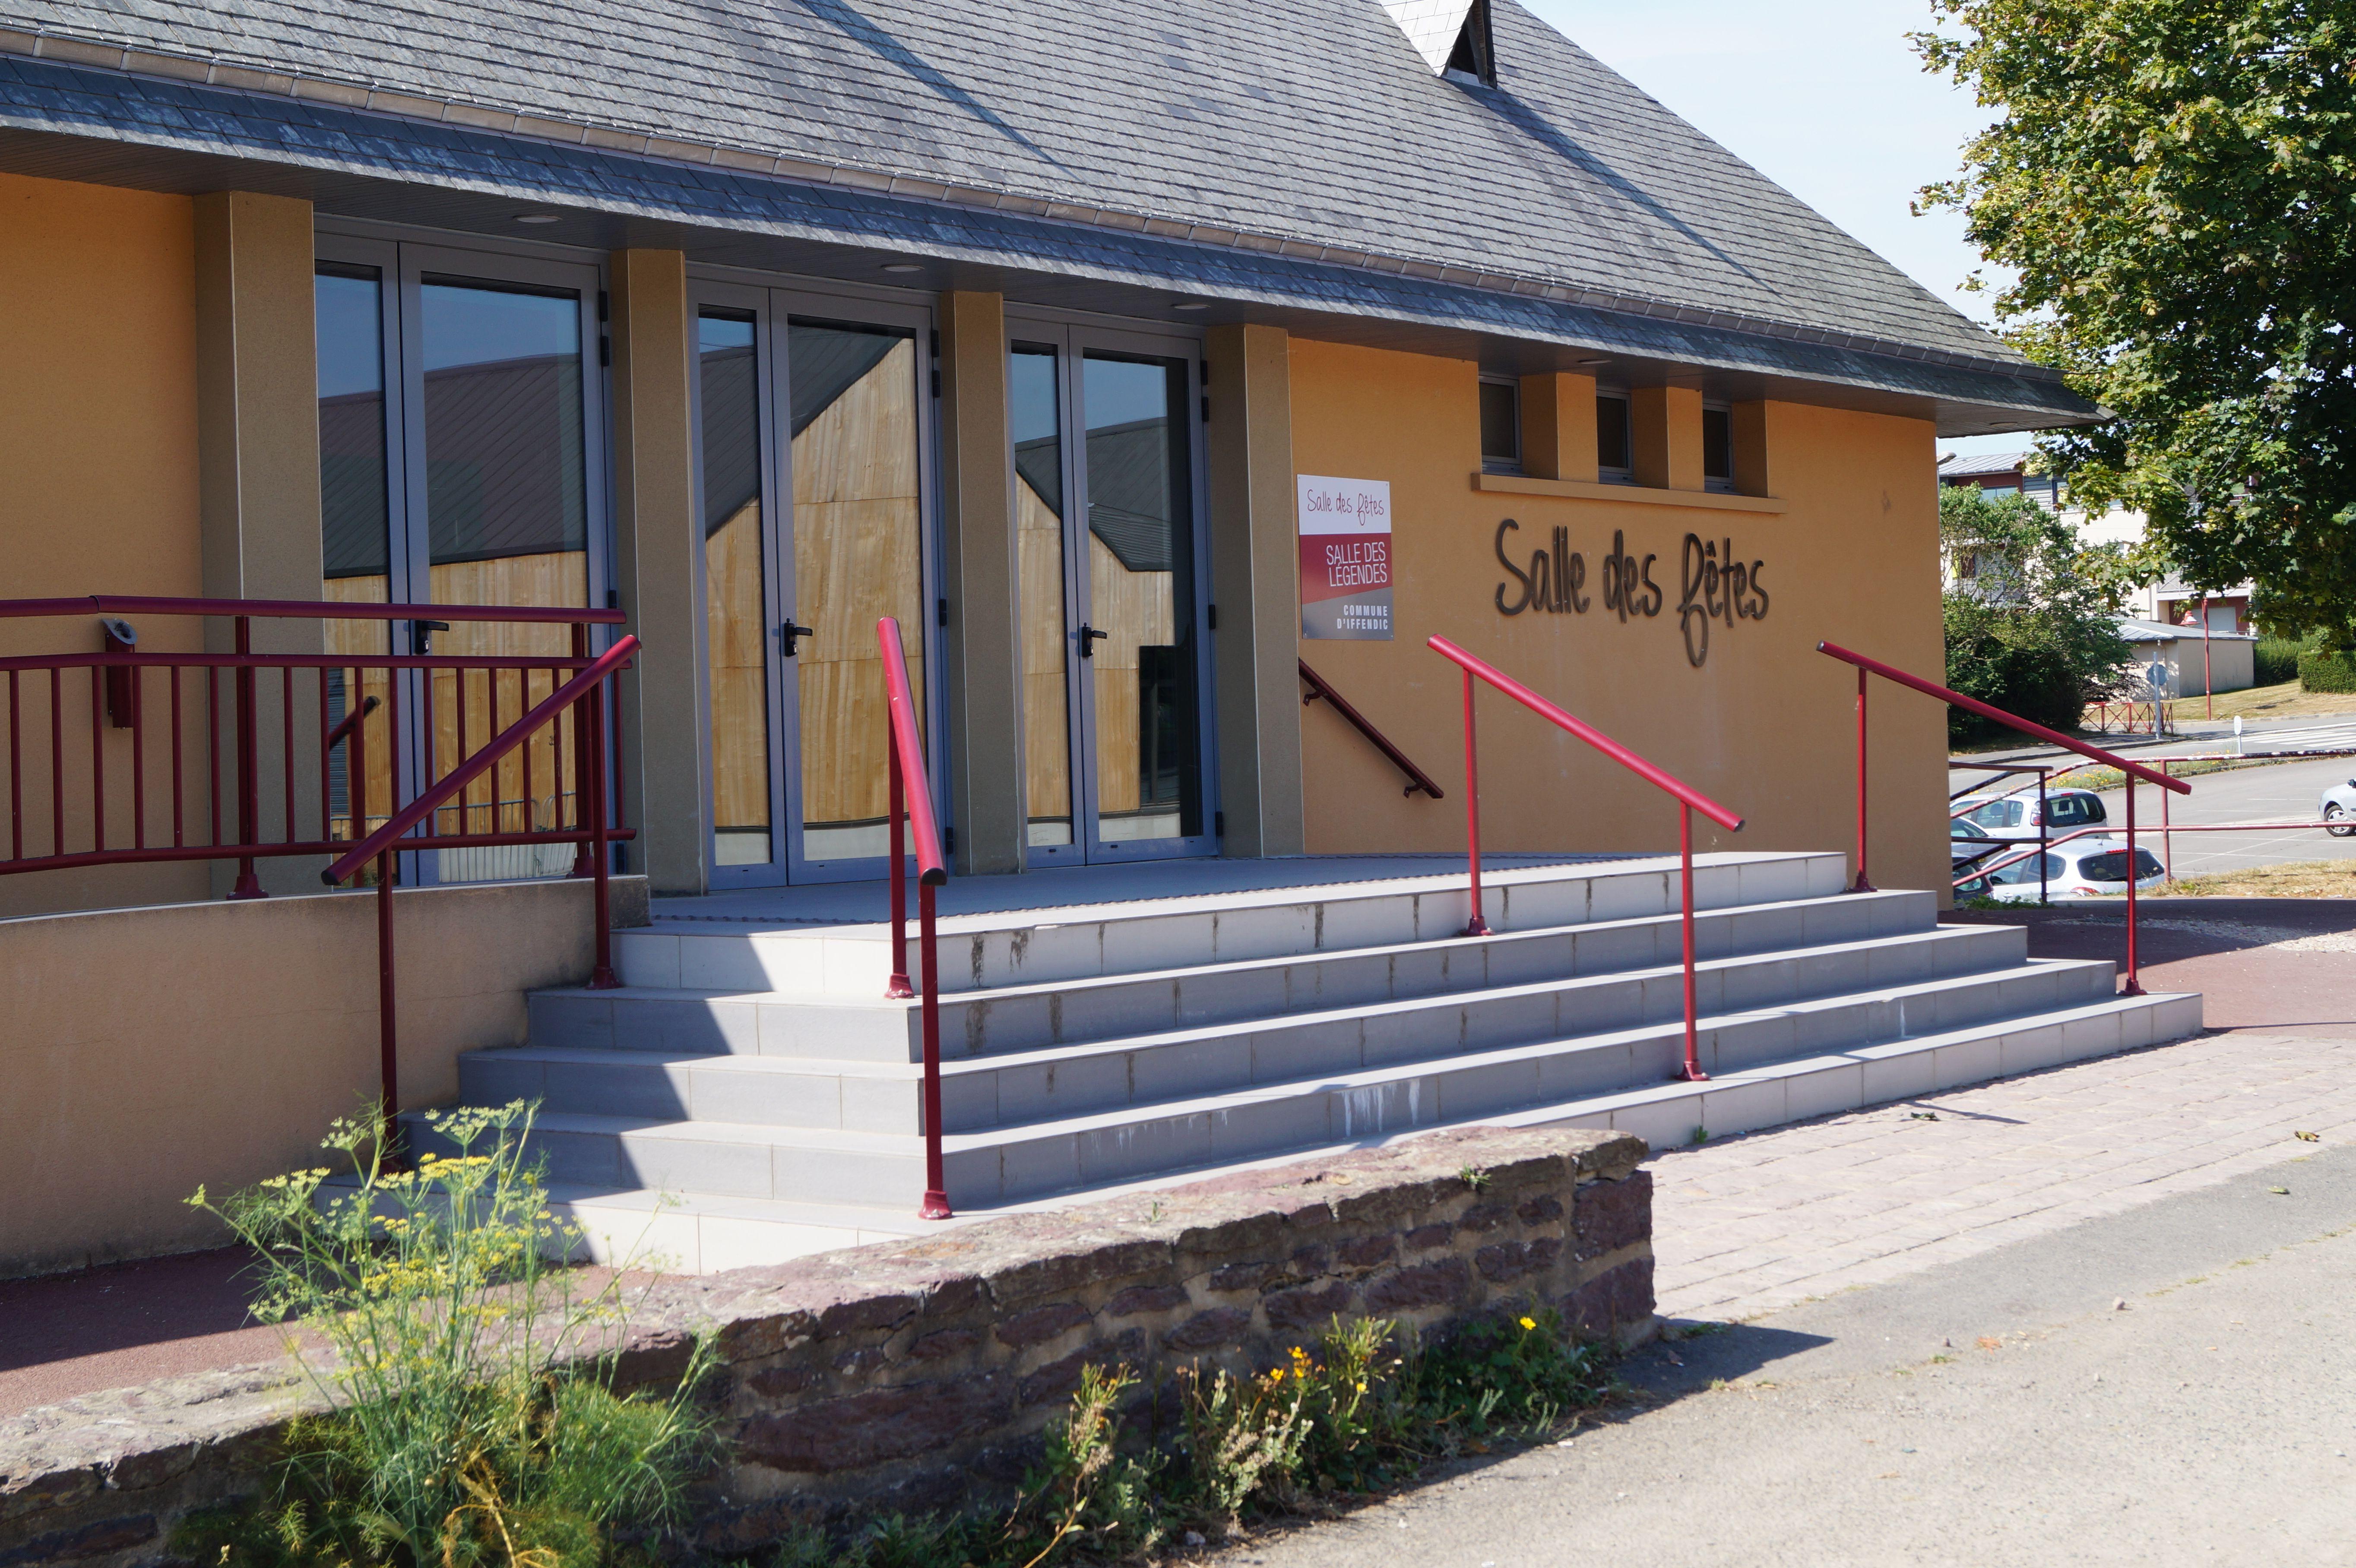 Reserver La Salle Des Fetes